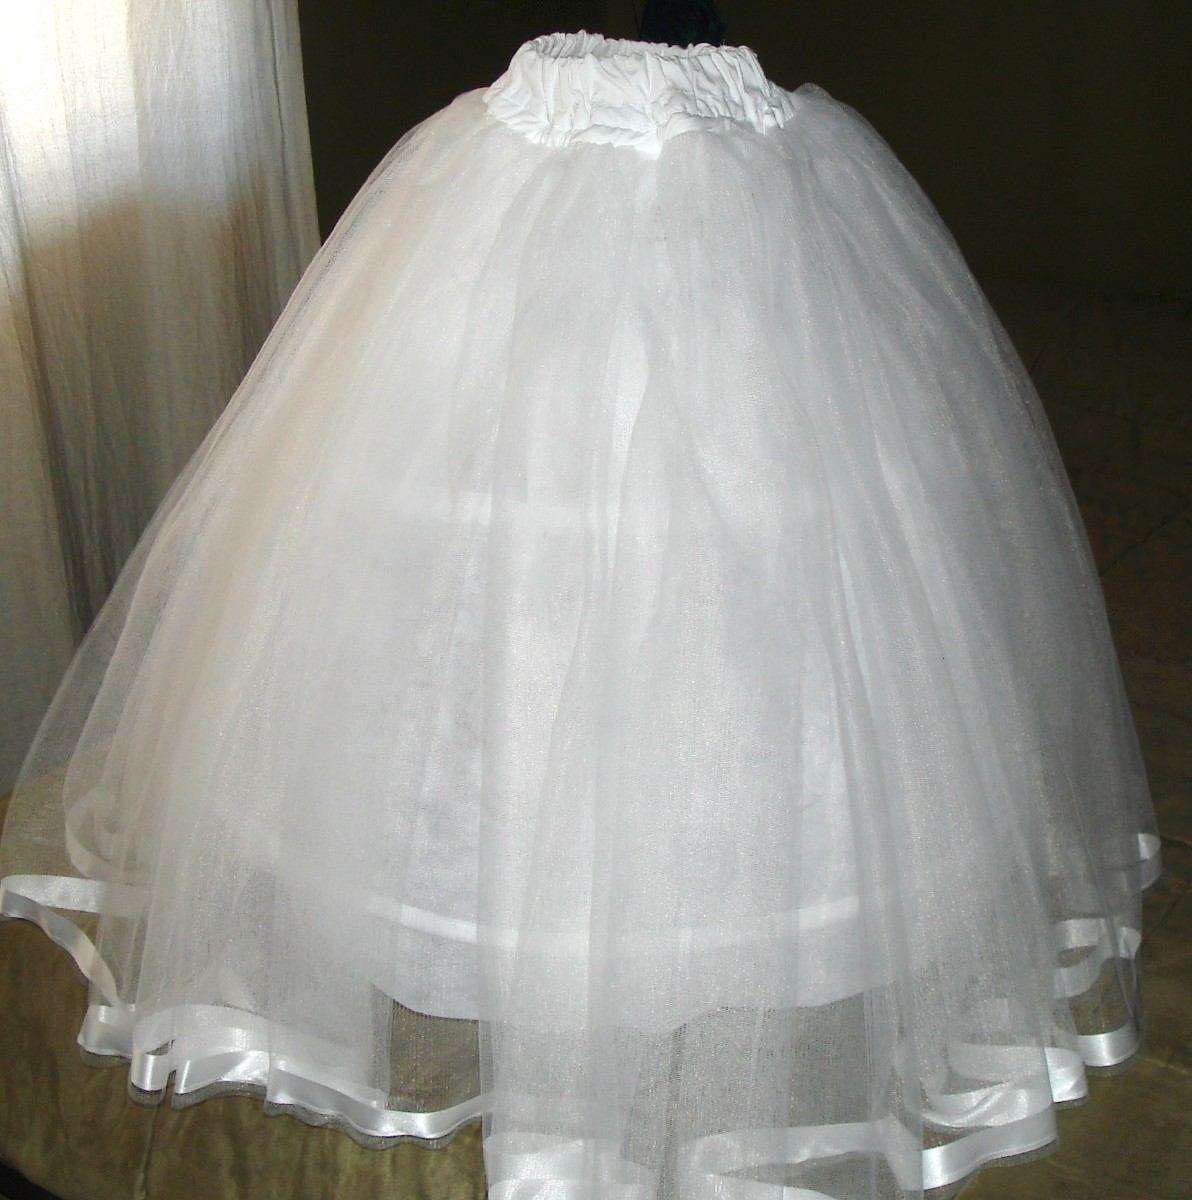 Dise o y costura de ropa de danza para damas y ni as for Diseno de ropa